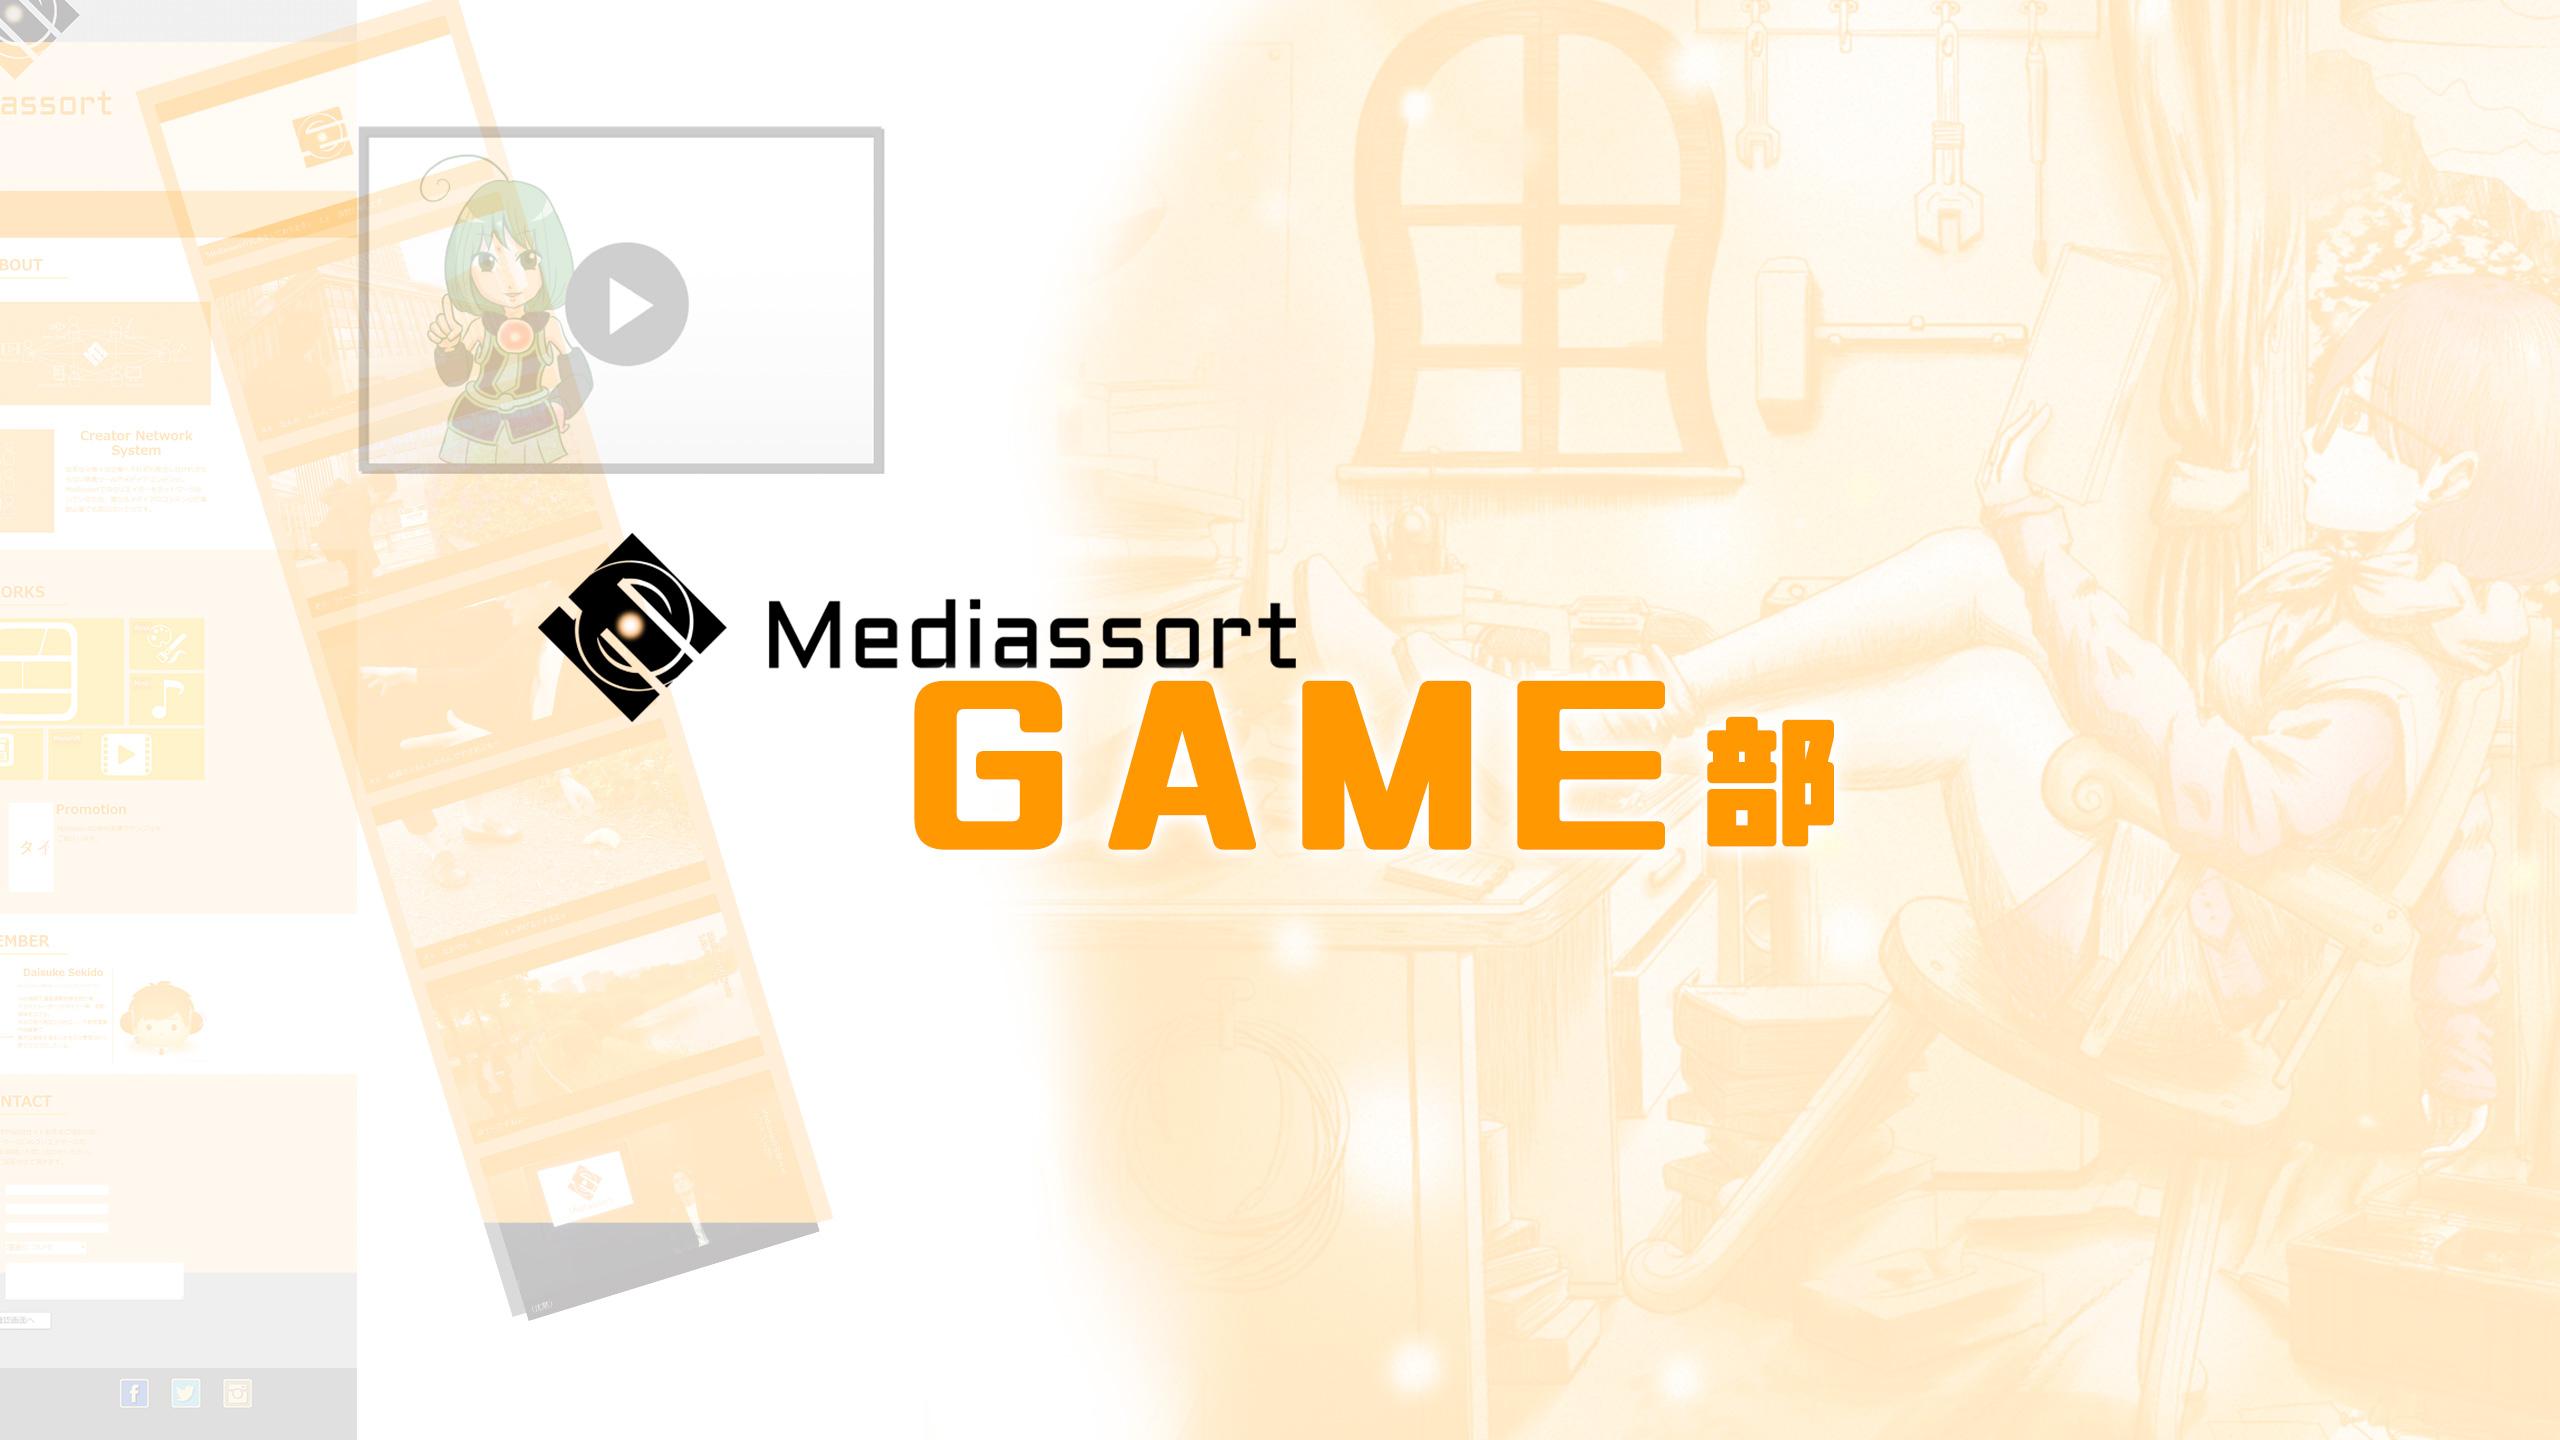 【ゲーム部】設立、Youtubeを通じて様々なゲームの配信をしていきます。